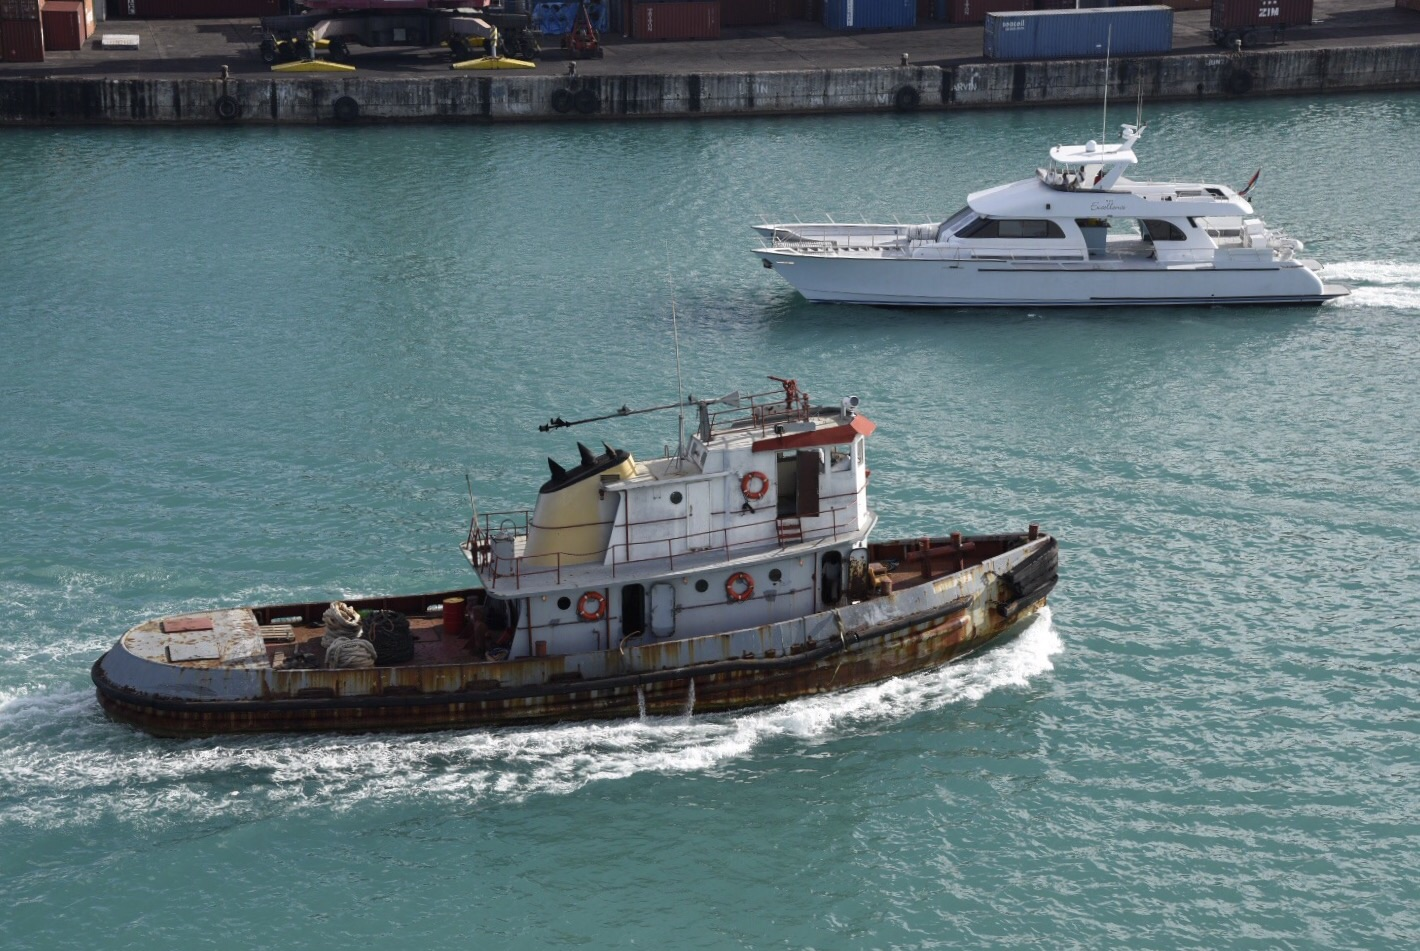 A tug and a motor yacht